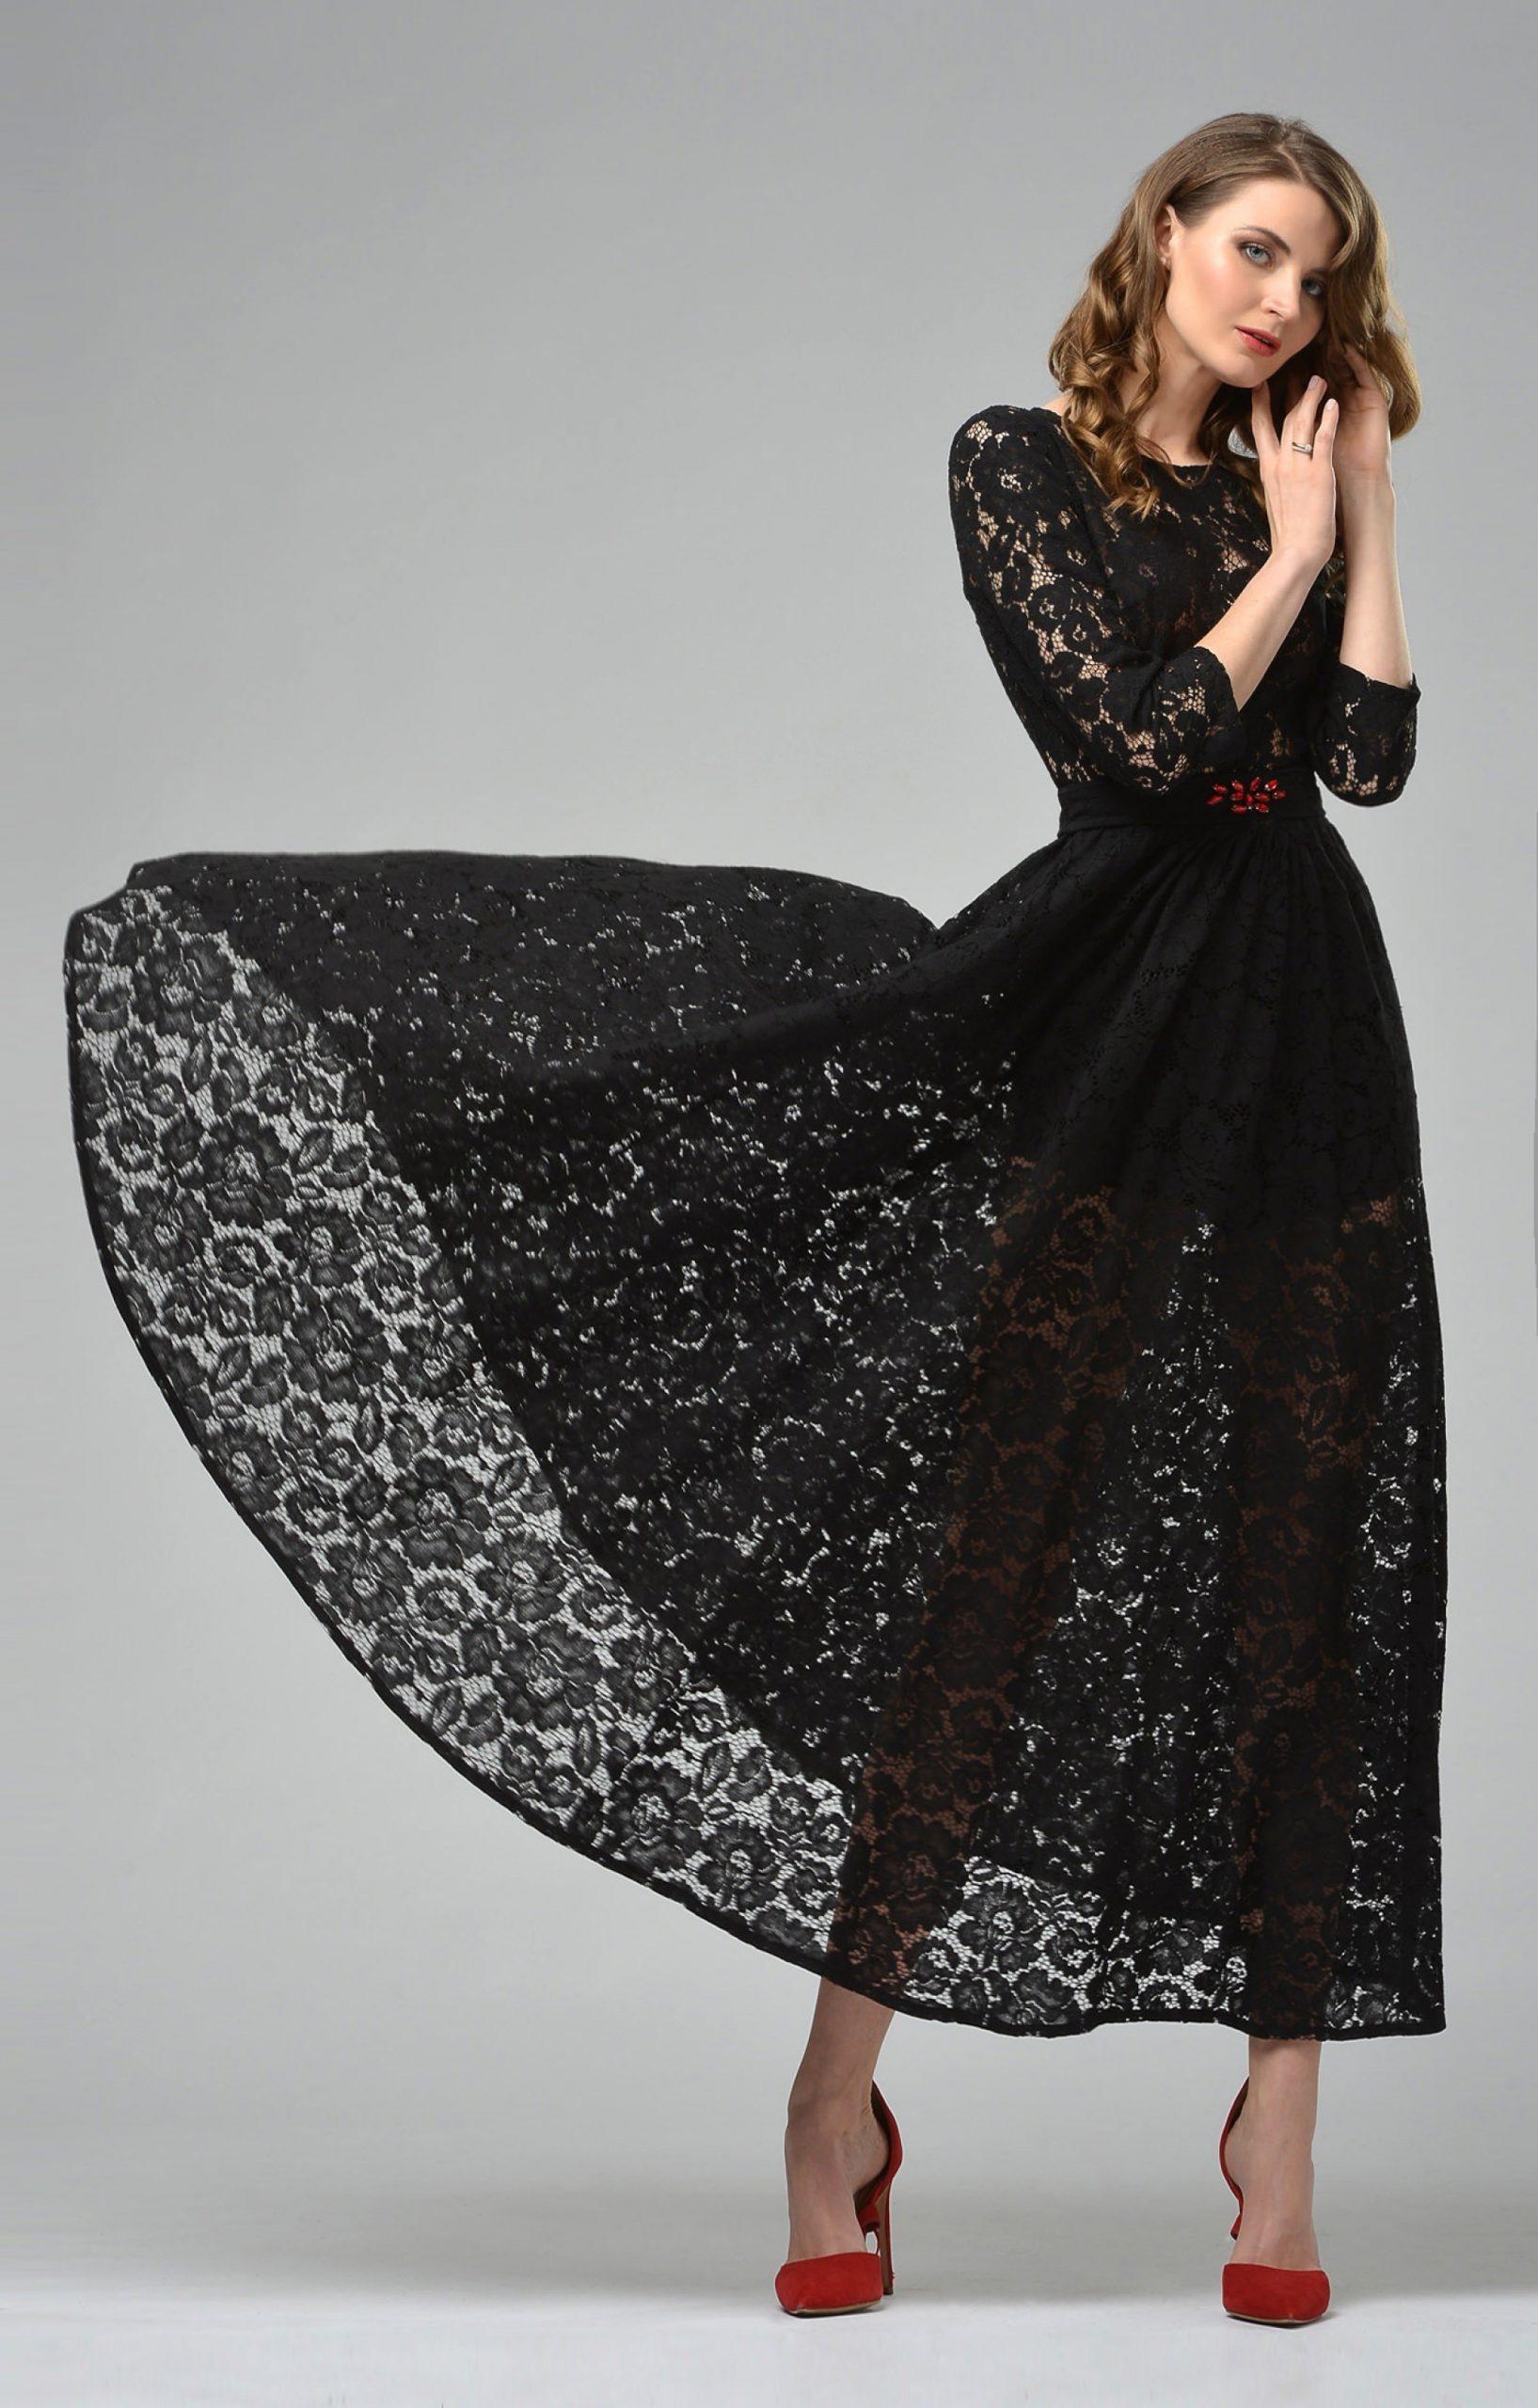 15 Wunderbar Abendkleid Zara Ärmel10 Erstaunlich Abendkleid Zara Ärmel